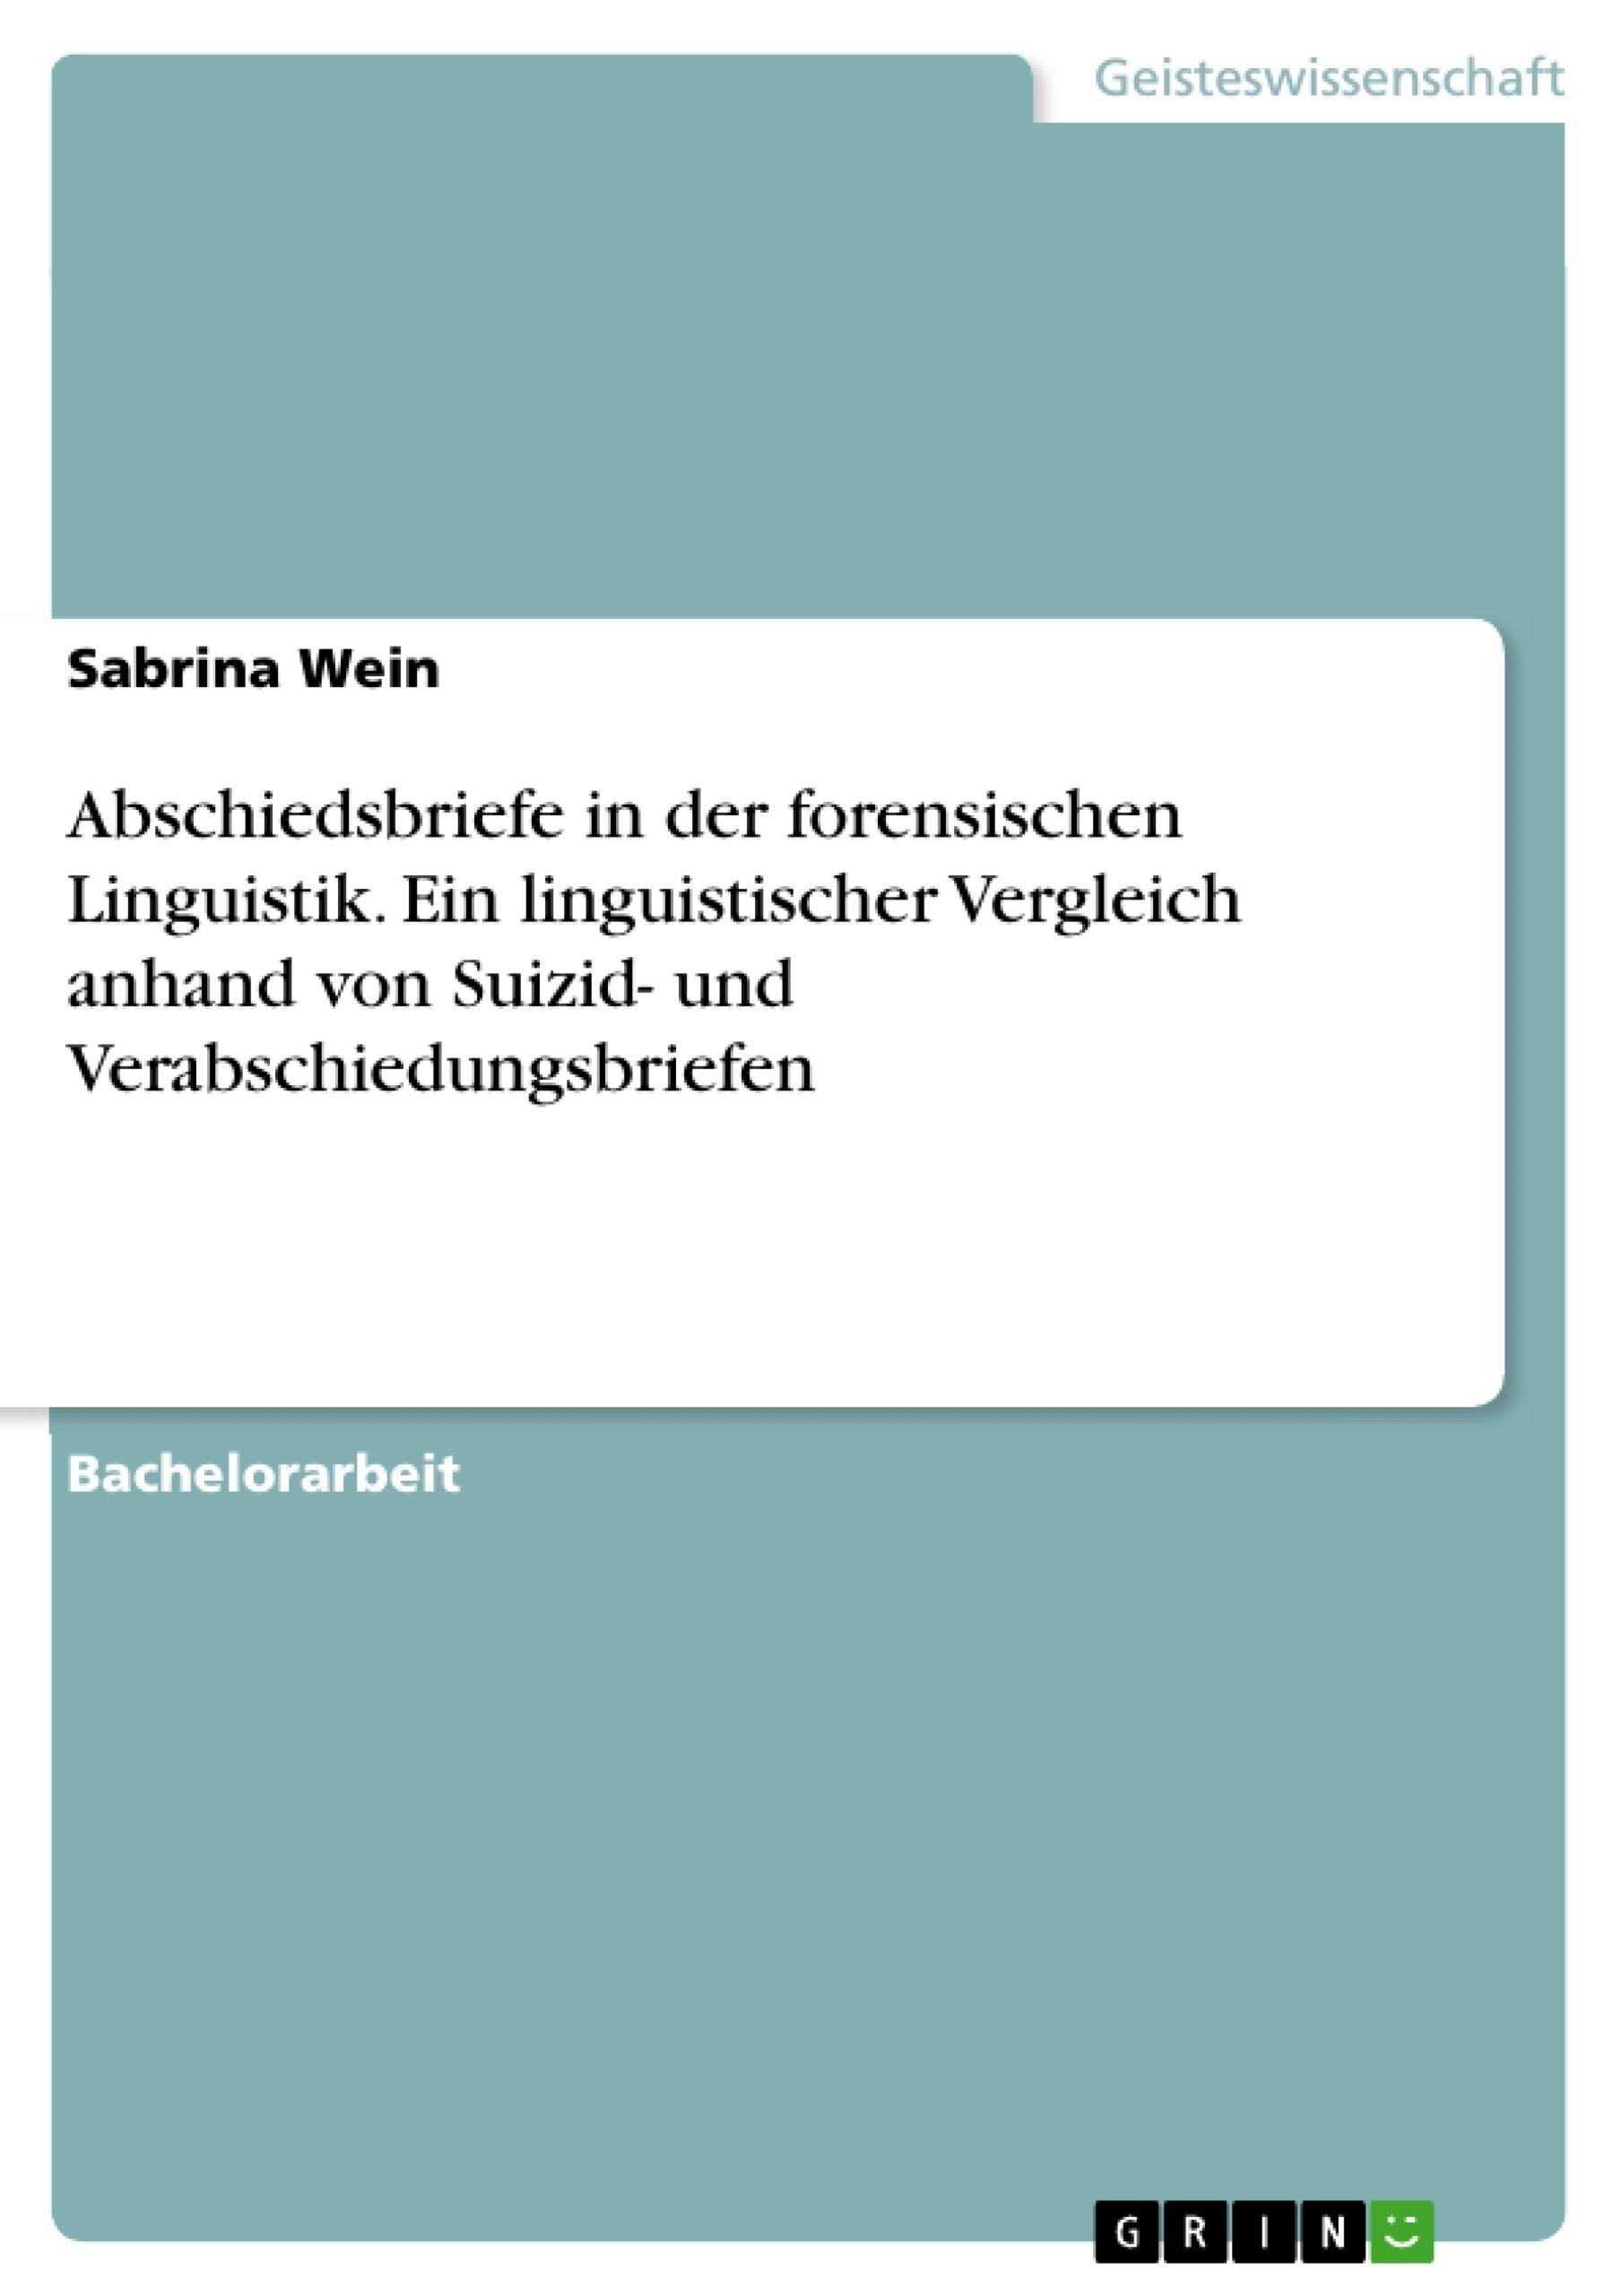 Titel: Abschiedsbriefe in der forensischen Linguistik. Ein linguistischer Vergleich anhand von Suizid- und Verabschiedungsbriefen